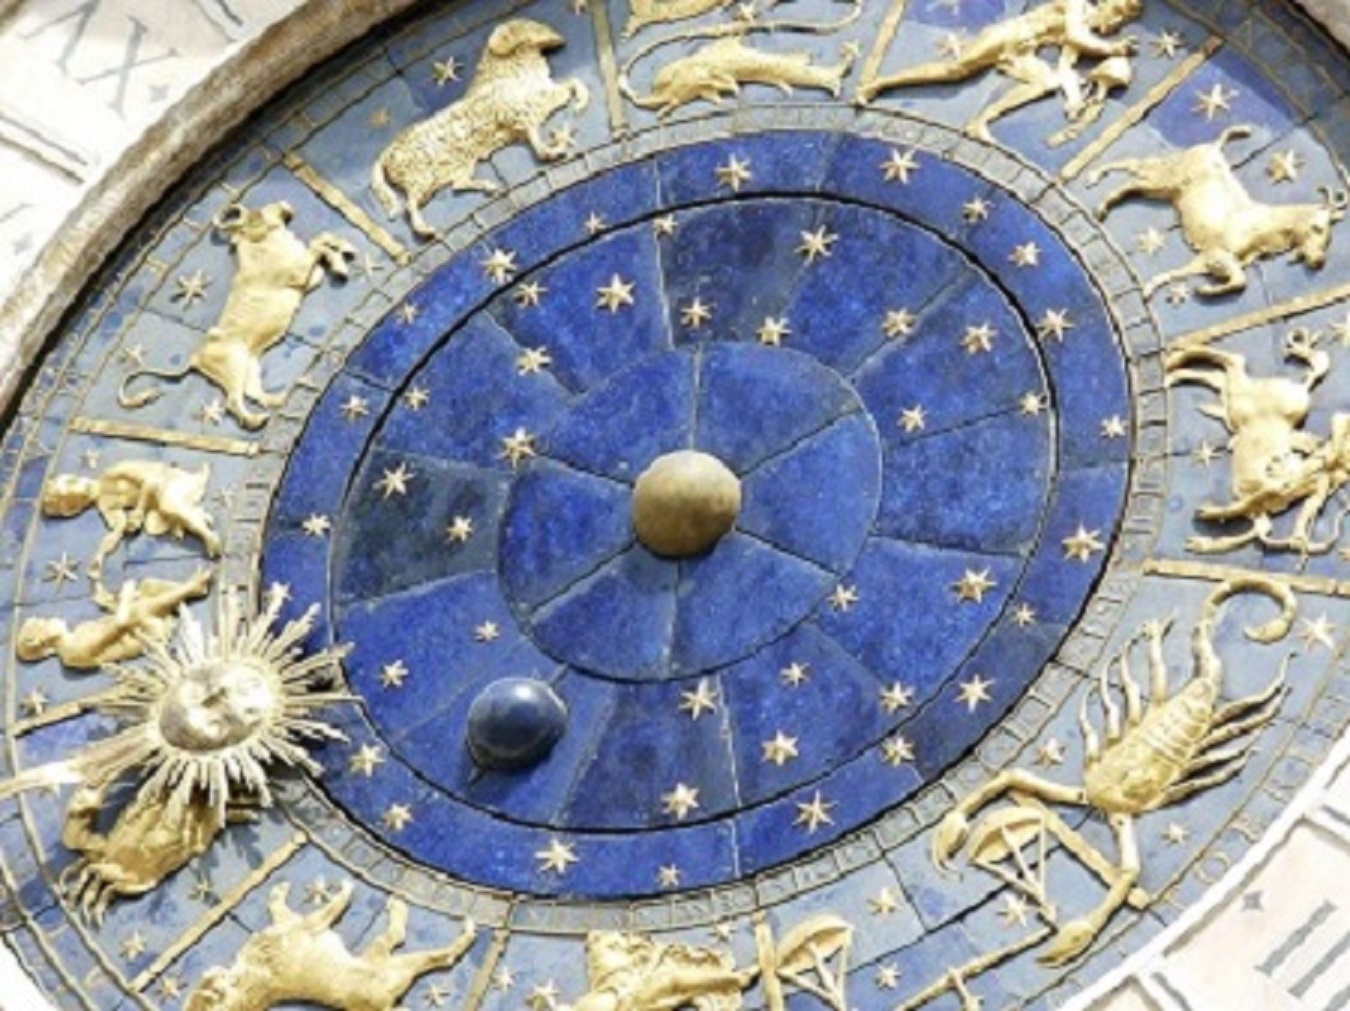 西洋占星術 インスパイア吉祥寺